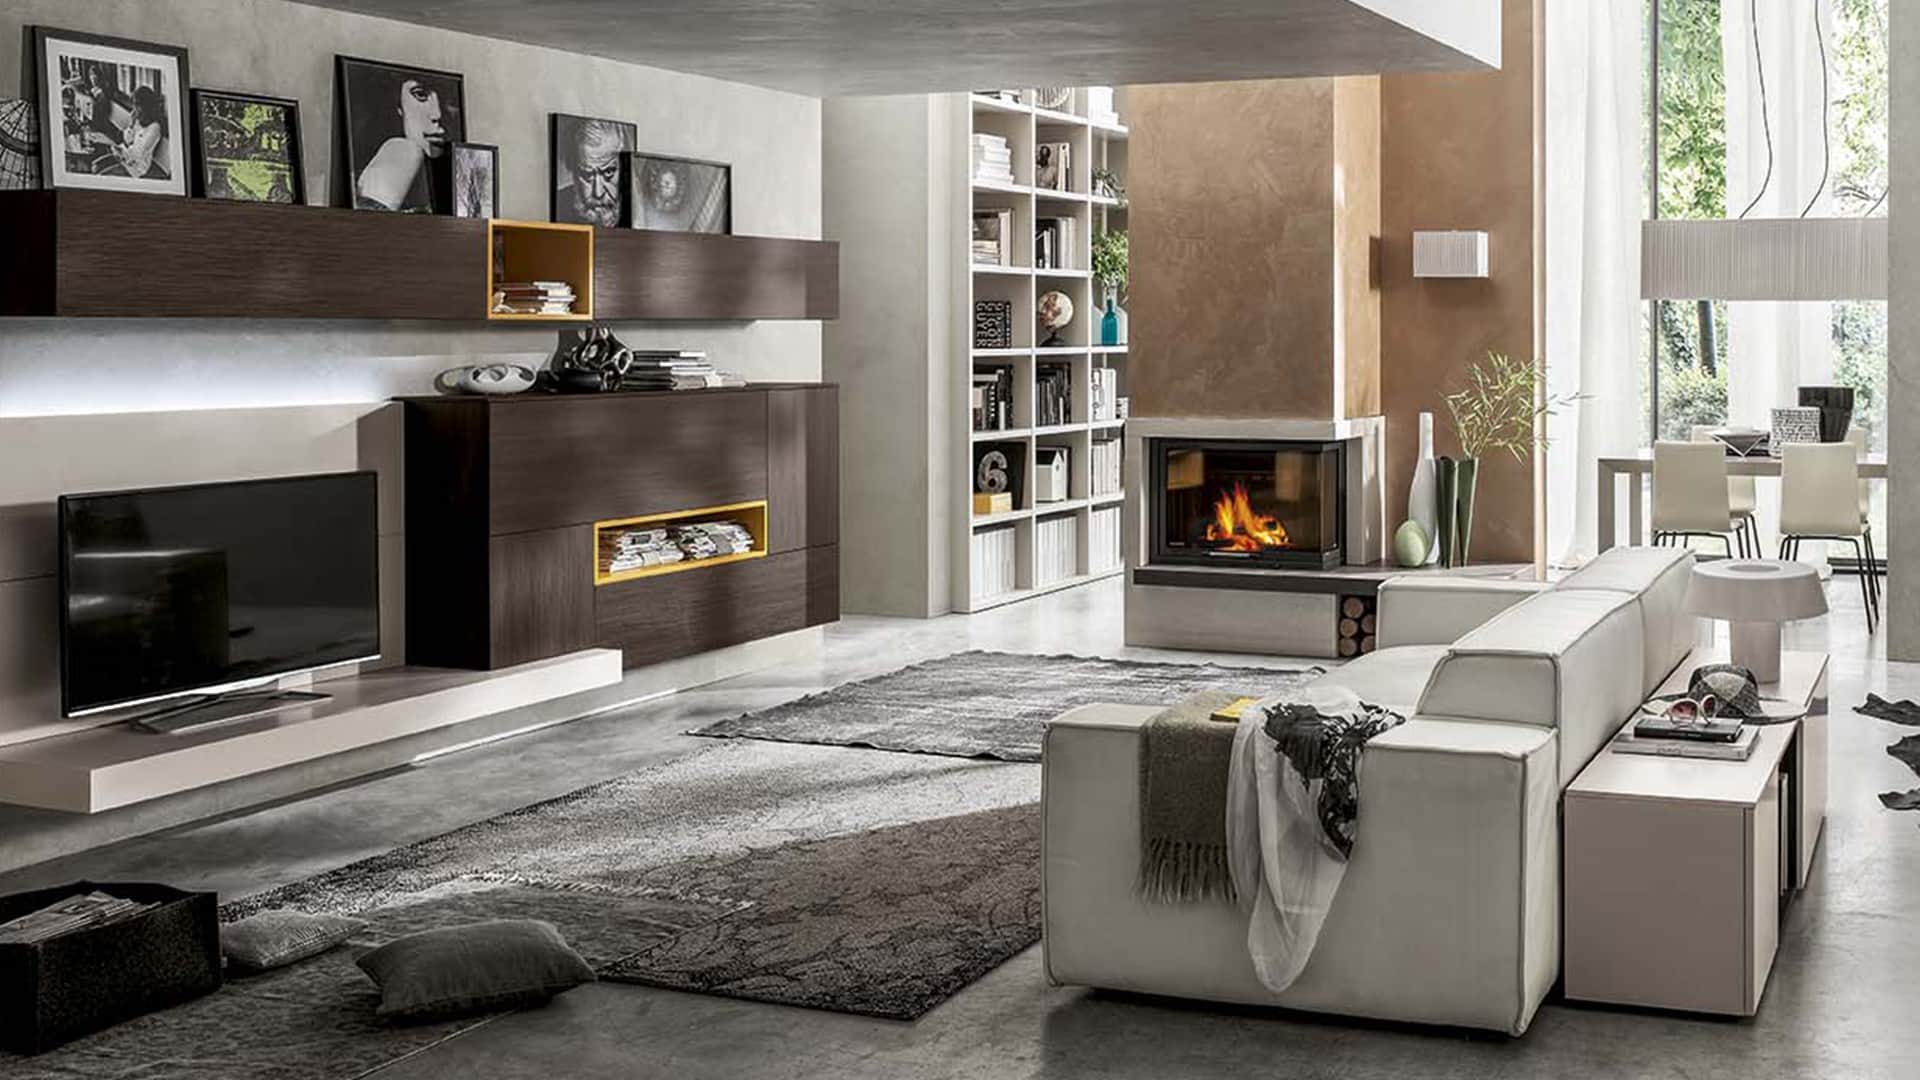 Vendita di mobili per soggiorno a padova mobili da for Soggiorno living